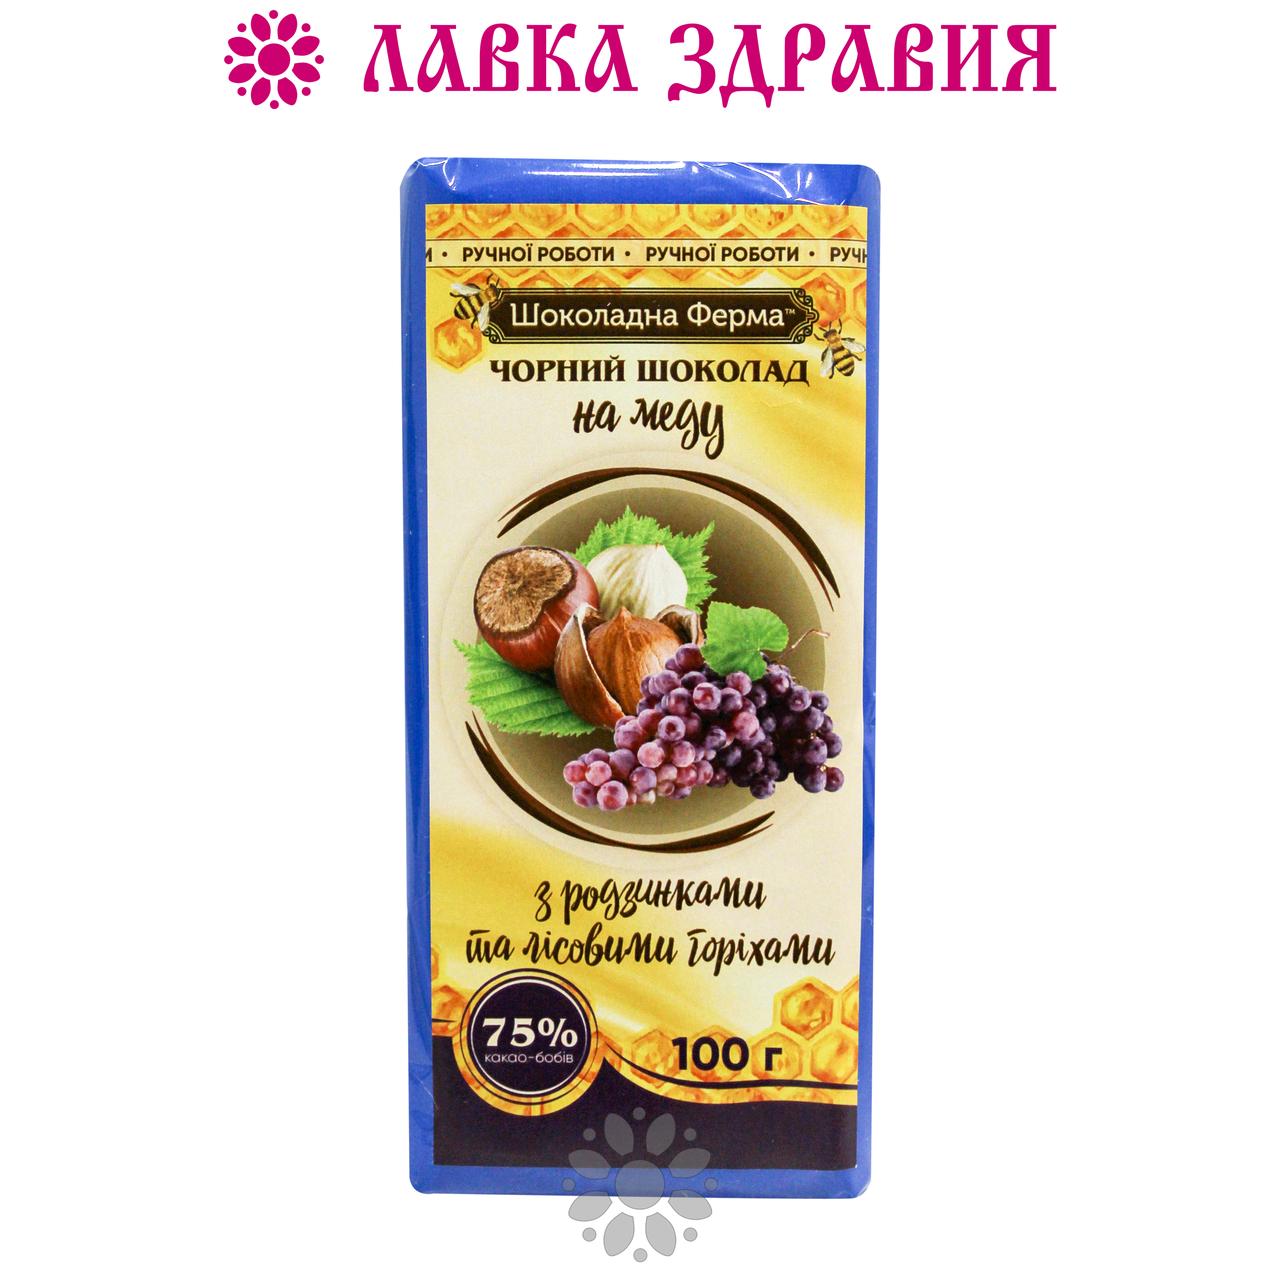 Шоколад черный на меду с изюмом и лесными орехами, 100 г, Шоколадная Ферма